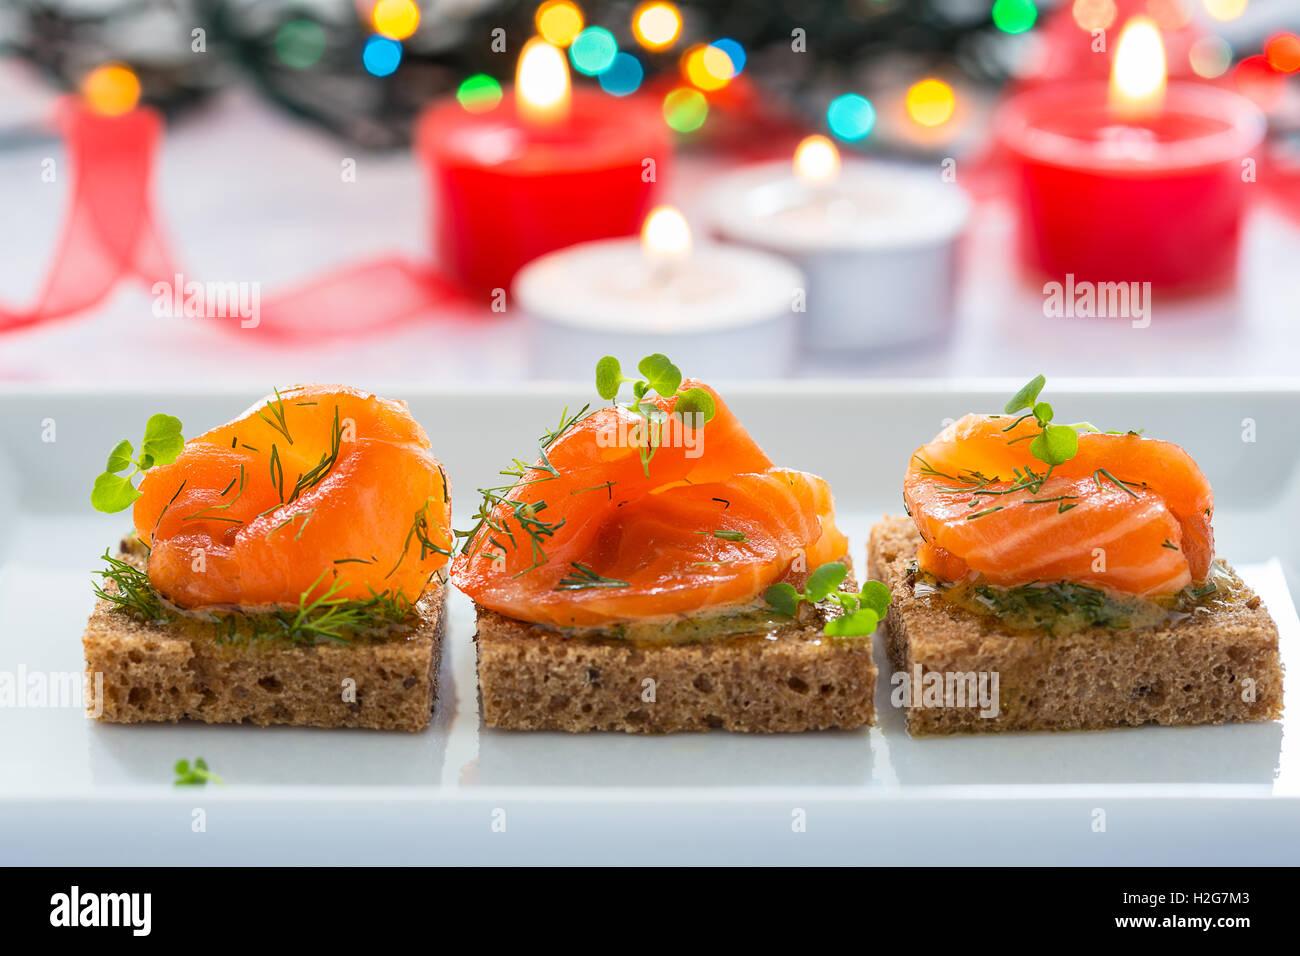 Délicieux apéritif canapés de pain noir avec du saumon fumé pour les vacances Photo Stock